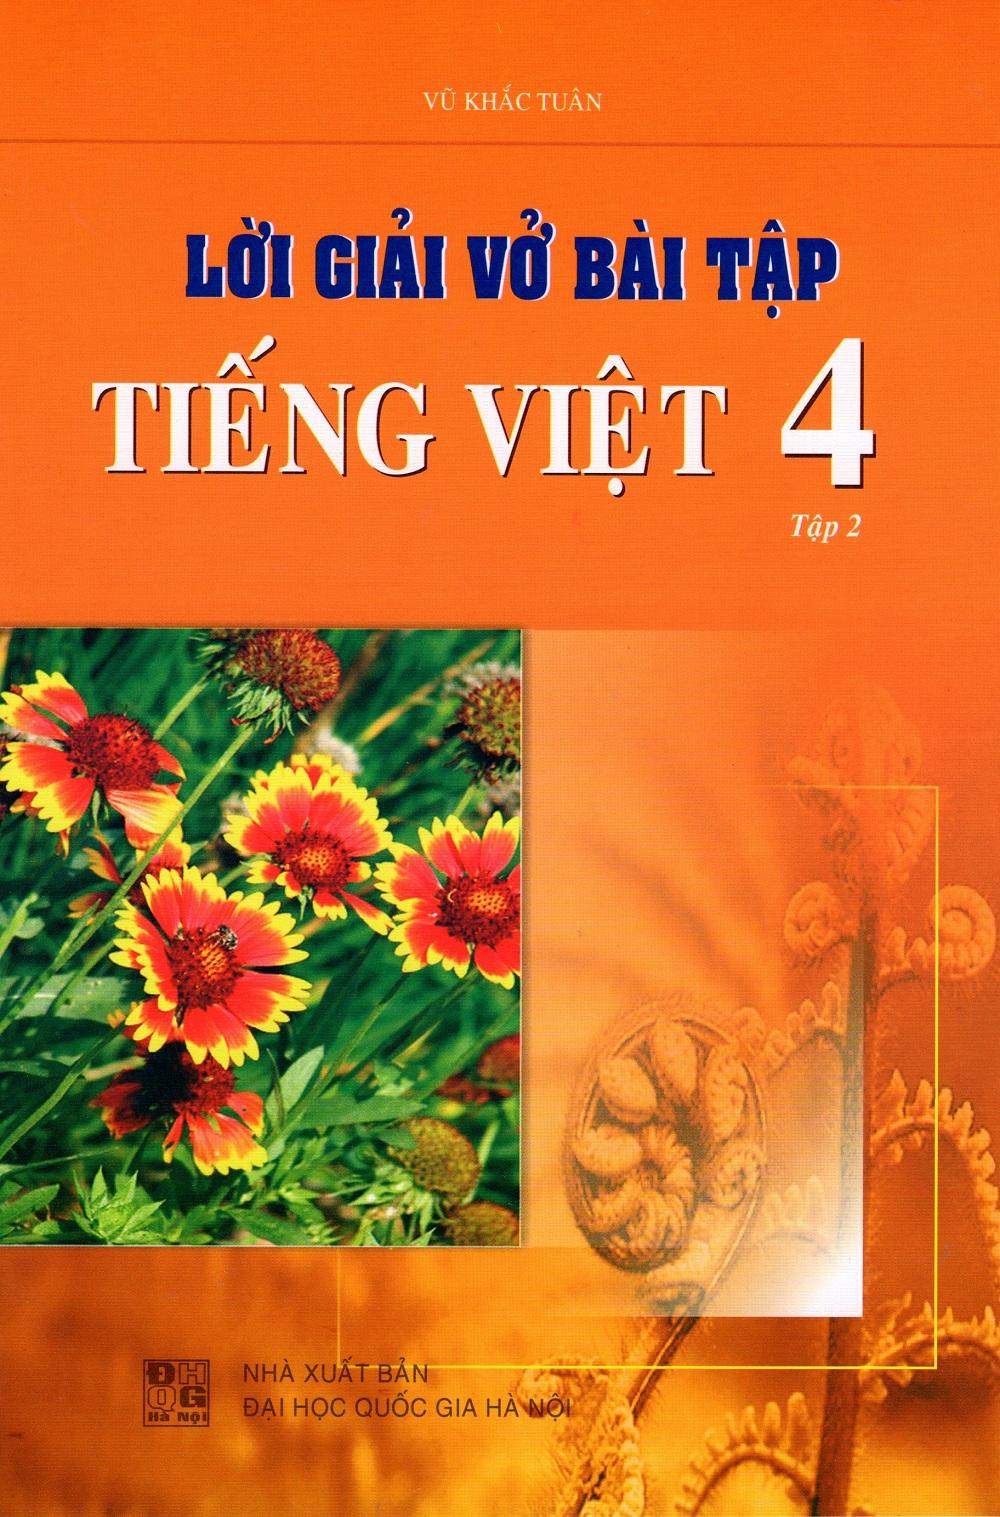 Lời Giải Vở Bài Tập Tiếng Việt Lớp 4 (Tập 2)